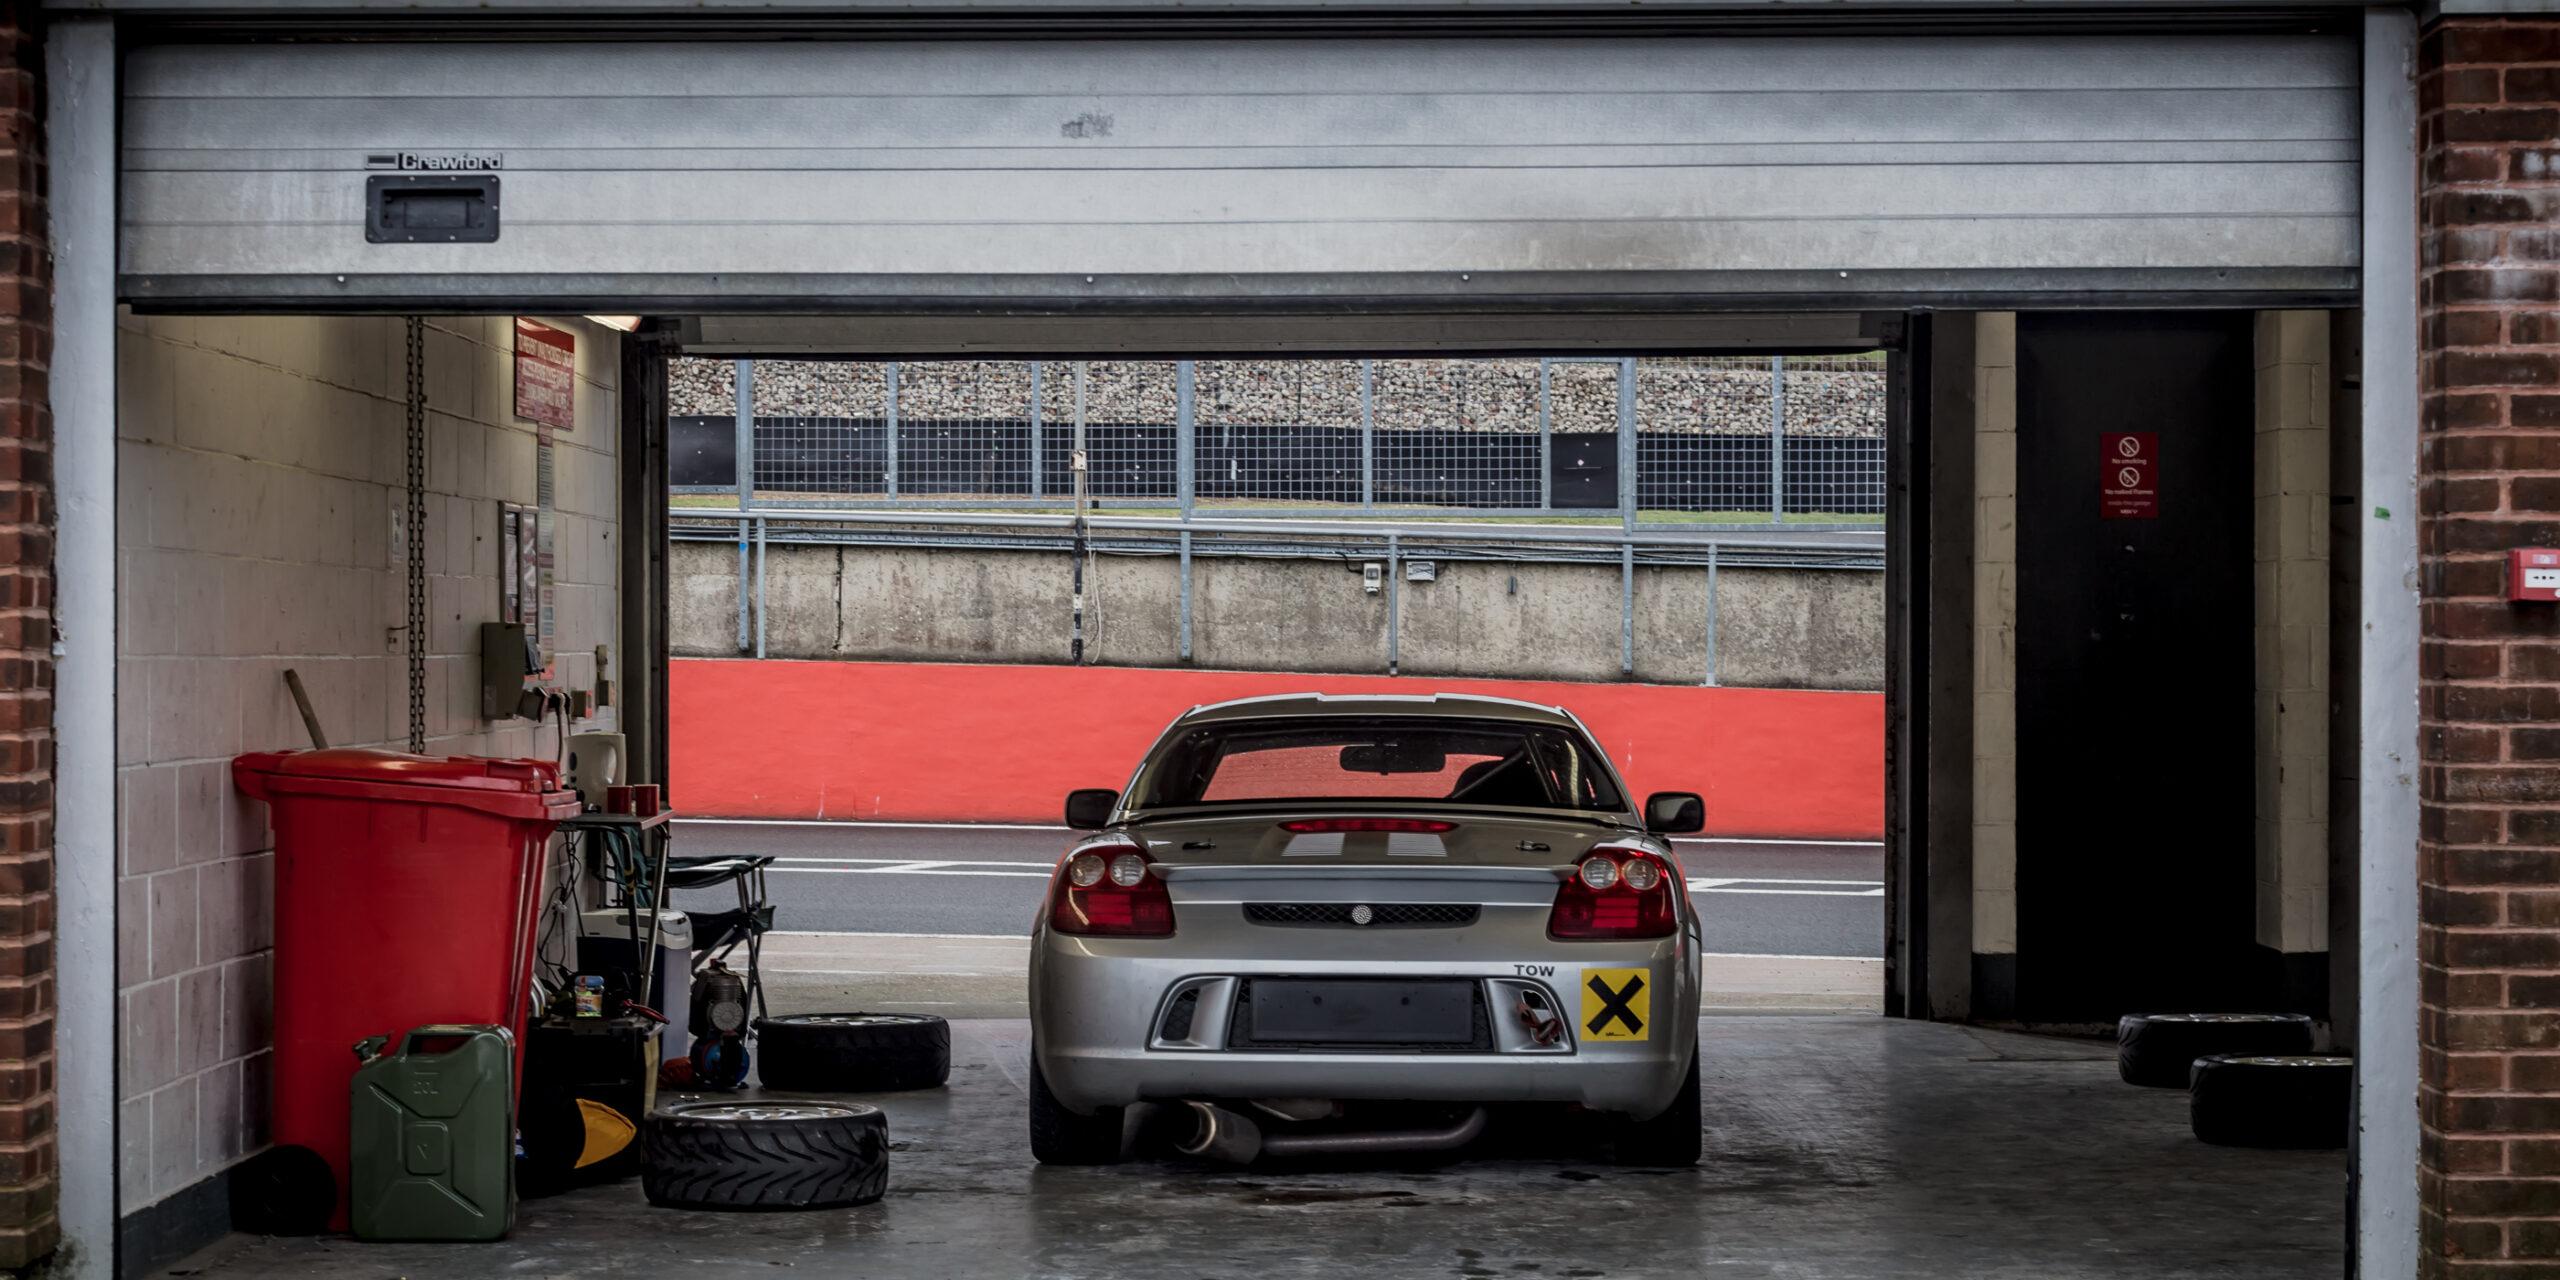 Toyota MR2 sitting in pit garage